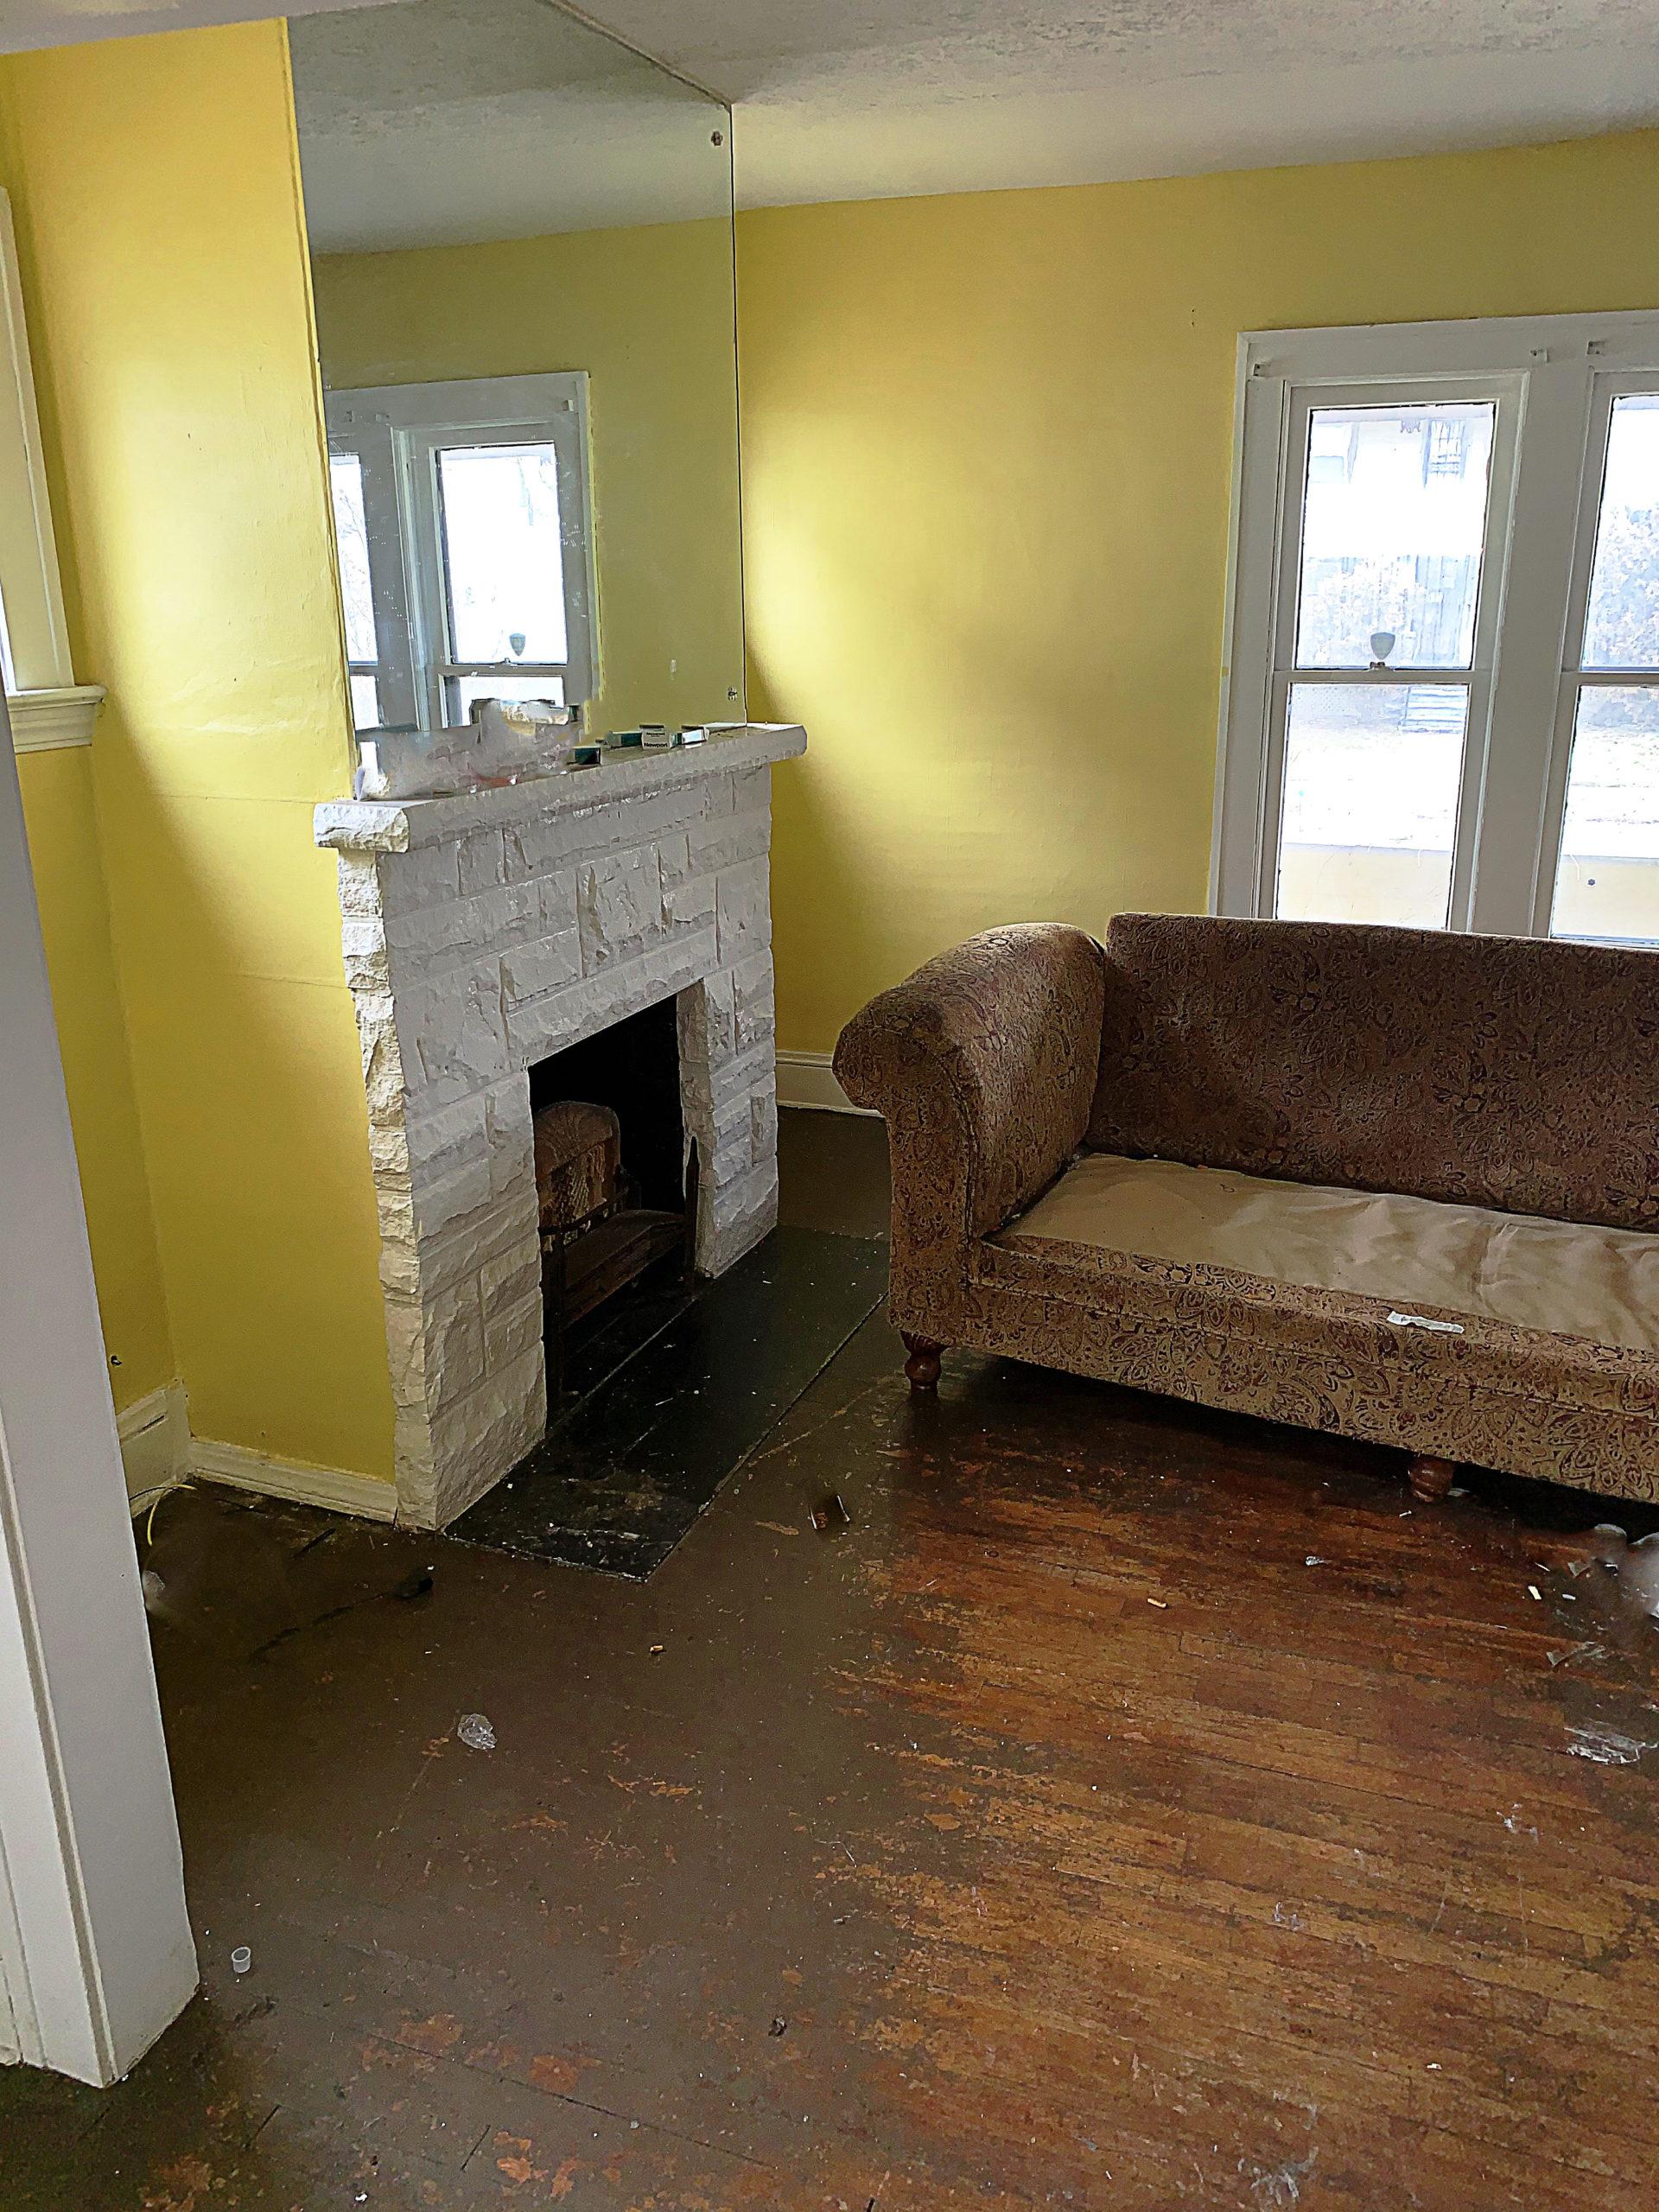 [$63K-$70K] Vente d'une maison 4chambres 1sdb-Mount Pleasant aux usa